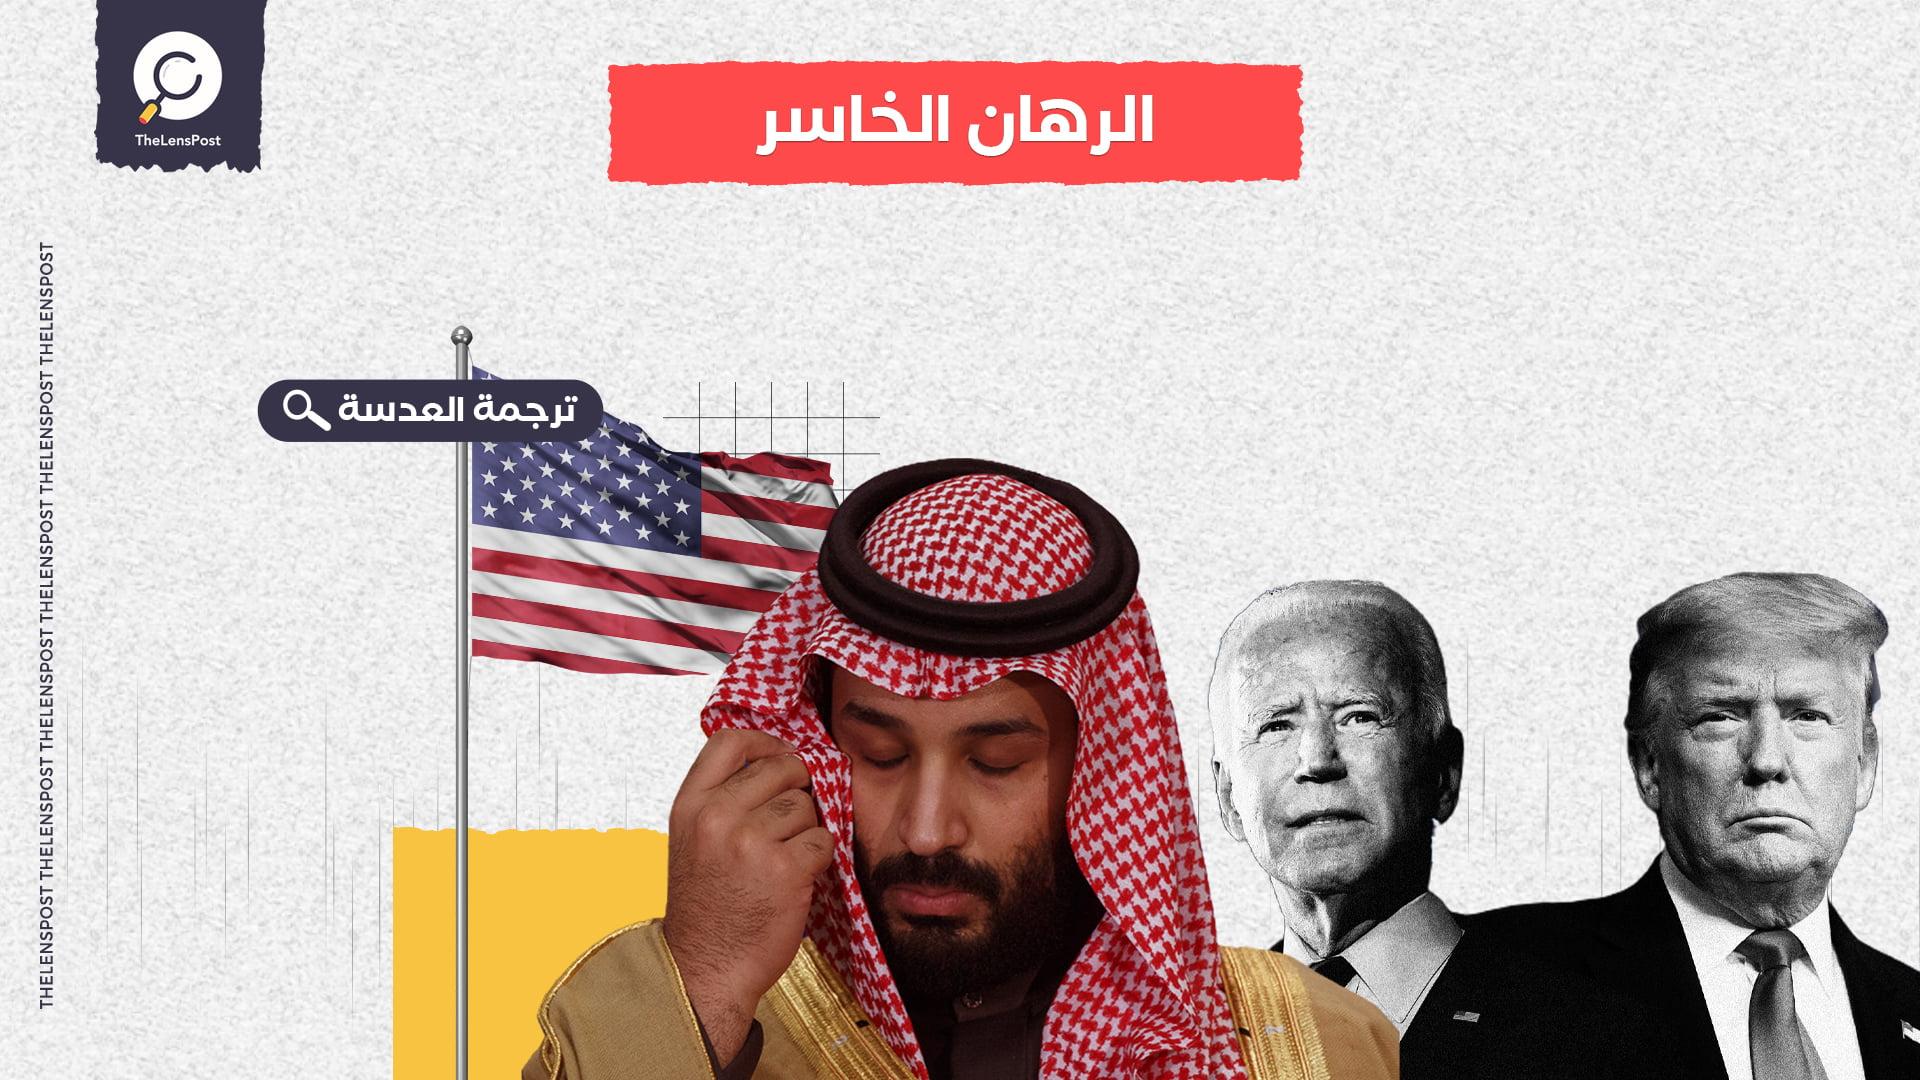 فورين بوليسي: بن سلمان مرعوب من احتمالية خسارة ترامب للانتخابات الأمريكية